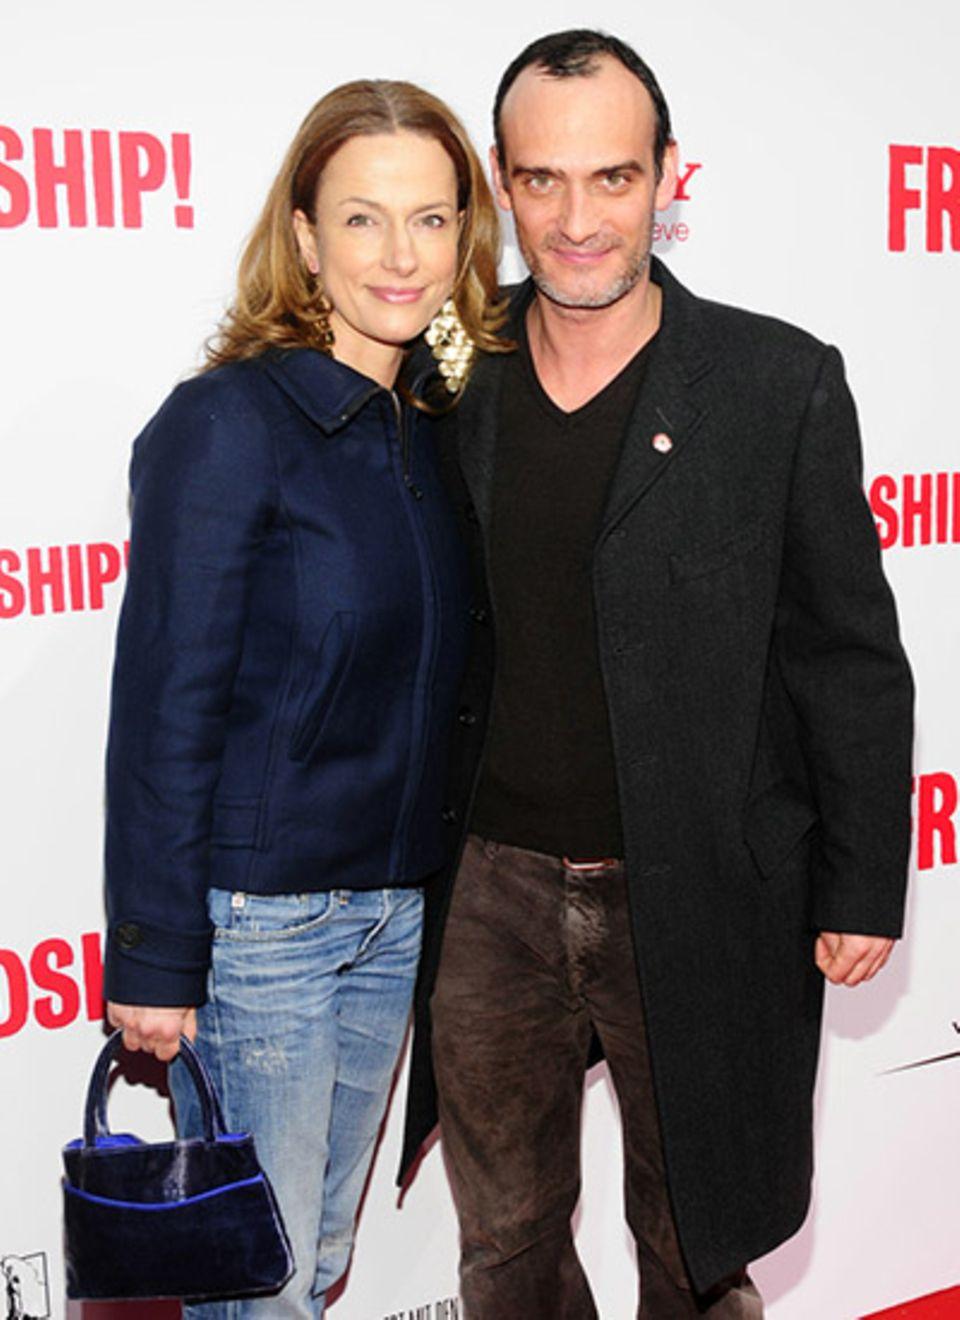 Die beiden Schauspieler Claudia Michelsen und Anatole Taubman haben sich nicht vom kalten Wetter abschrecken lassen.